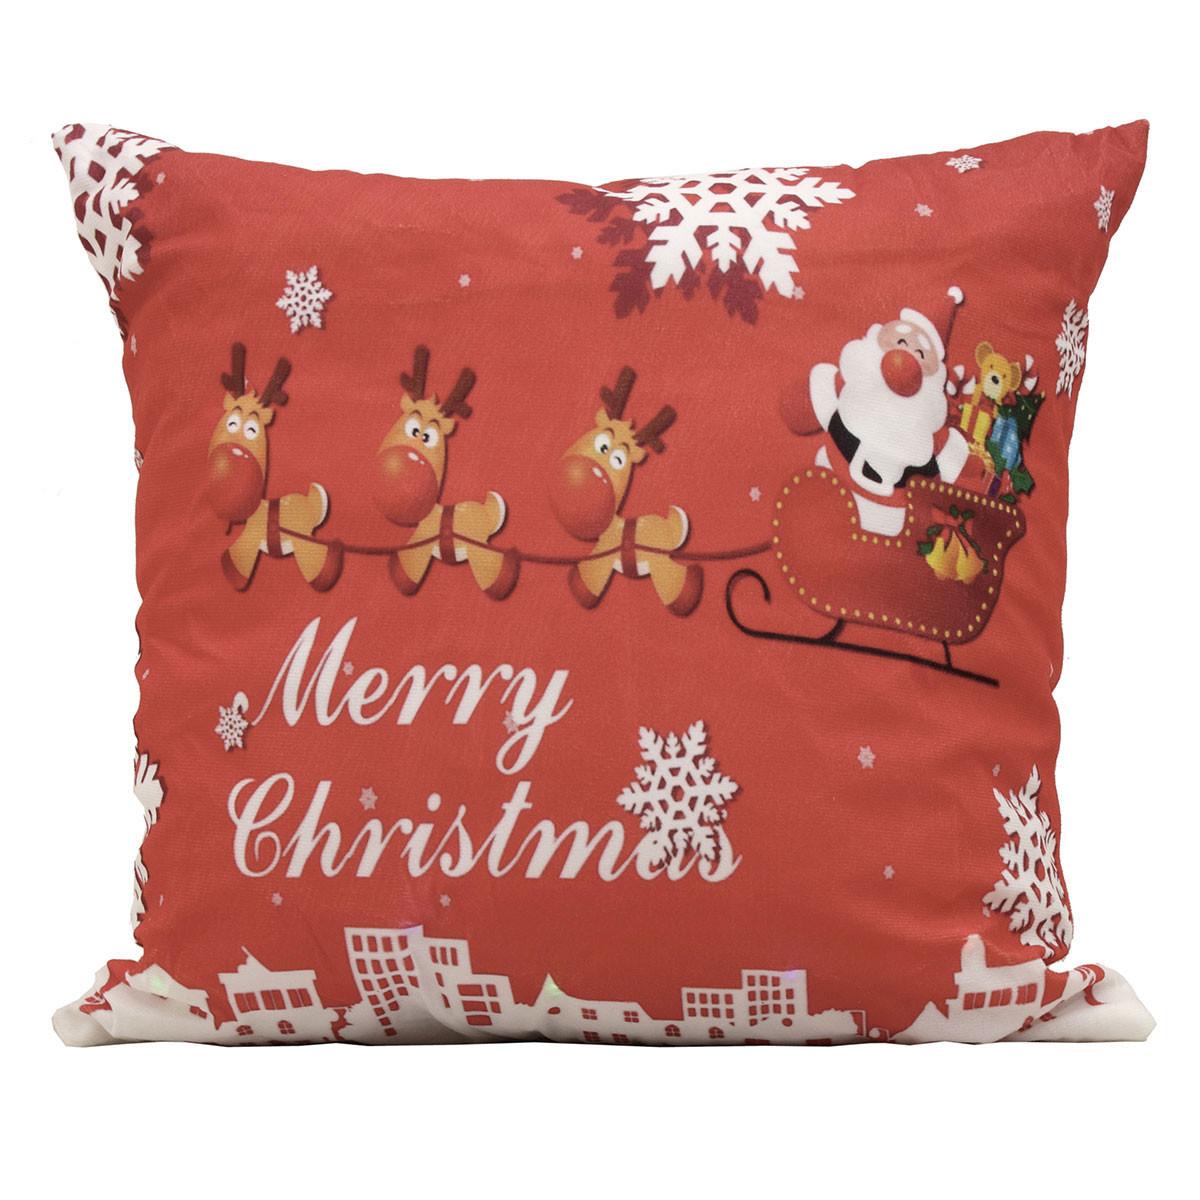 Χριστουγεννιάτικο Μαξιλάρι Viopros Led 310 home   χριστουγεννιάτικα   χριστουγεννιάτικα μαξιλάρια